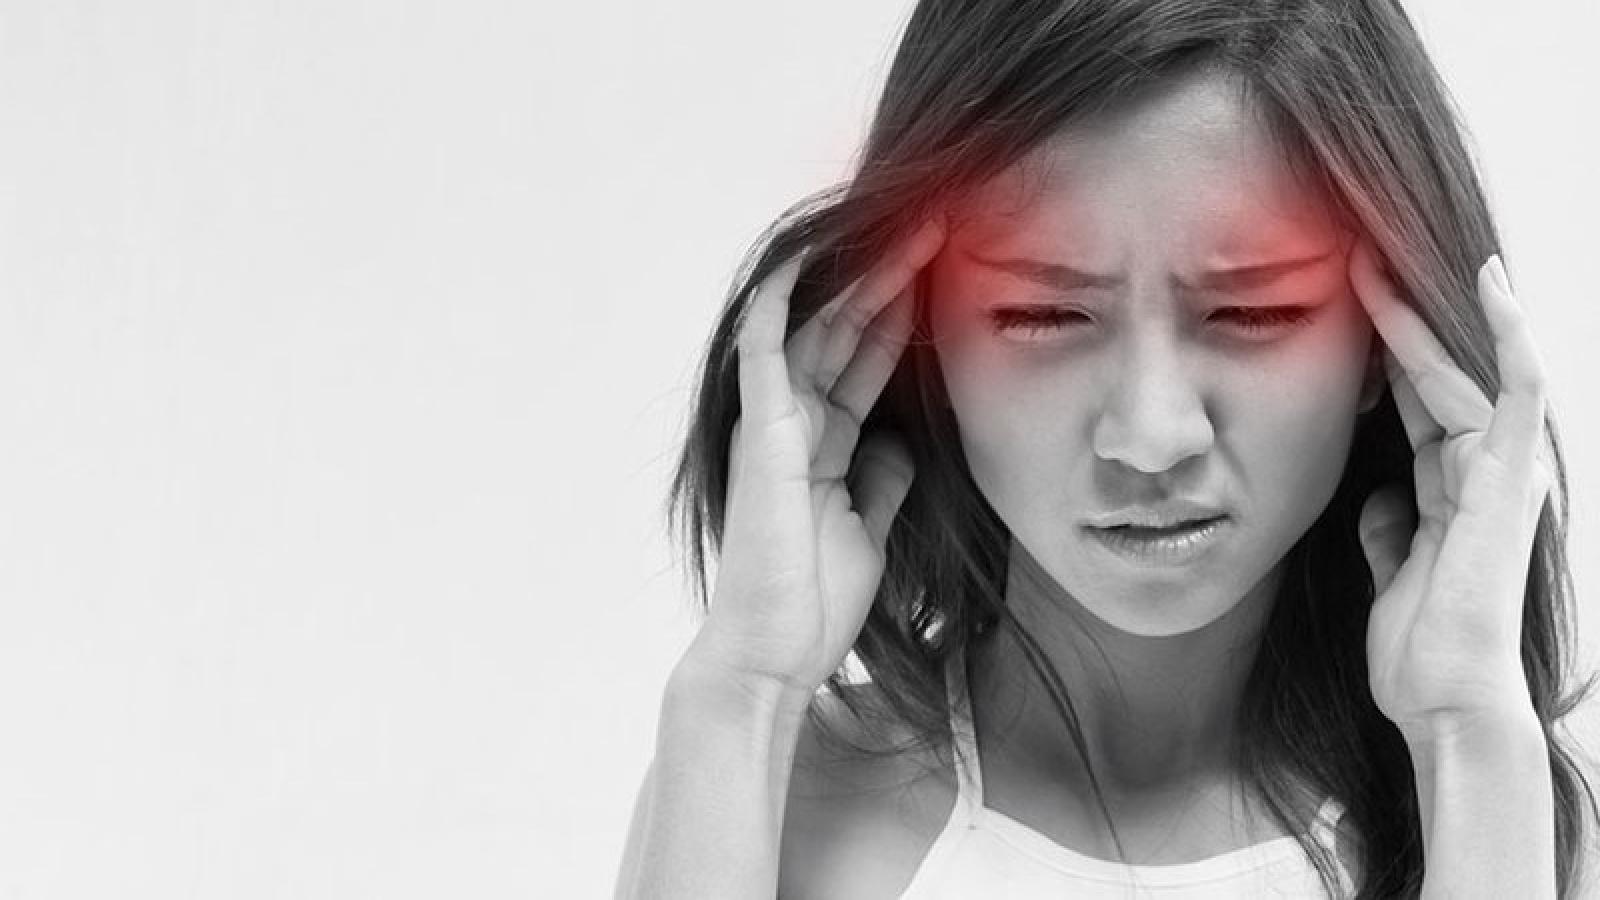 Đau nửa đầu migraine có thế gây đột quỵ ở người trẻ